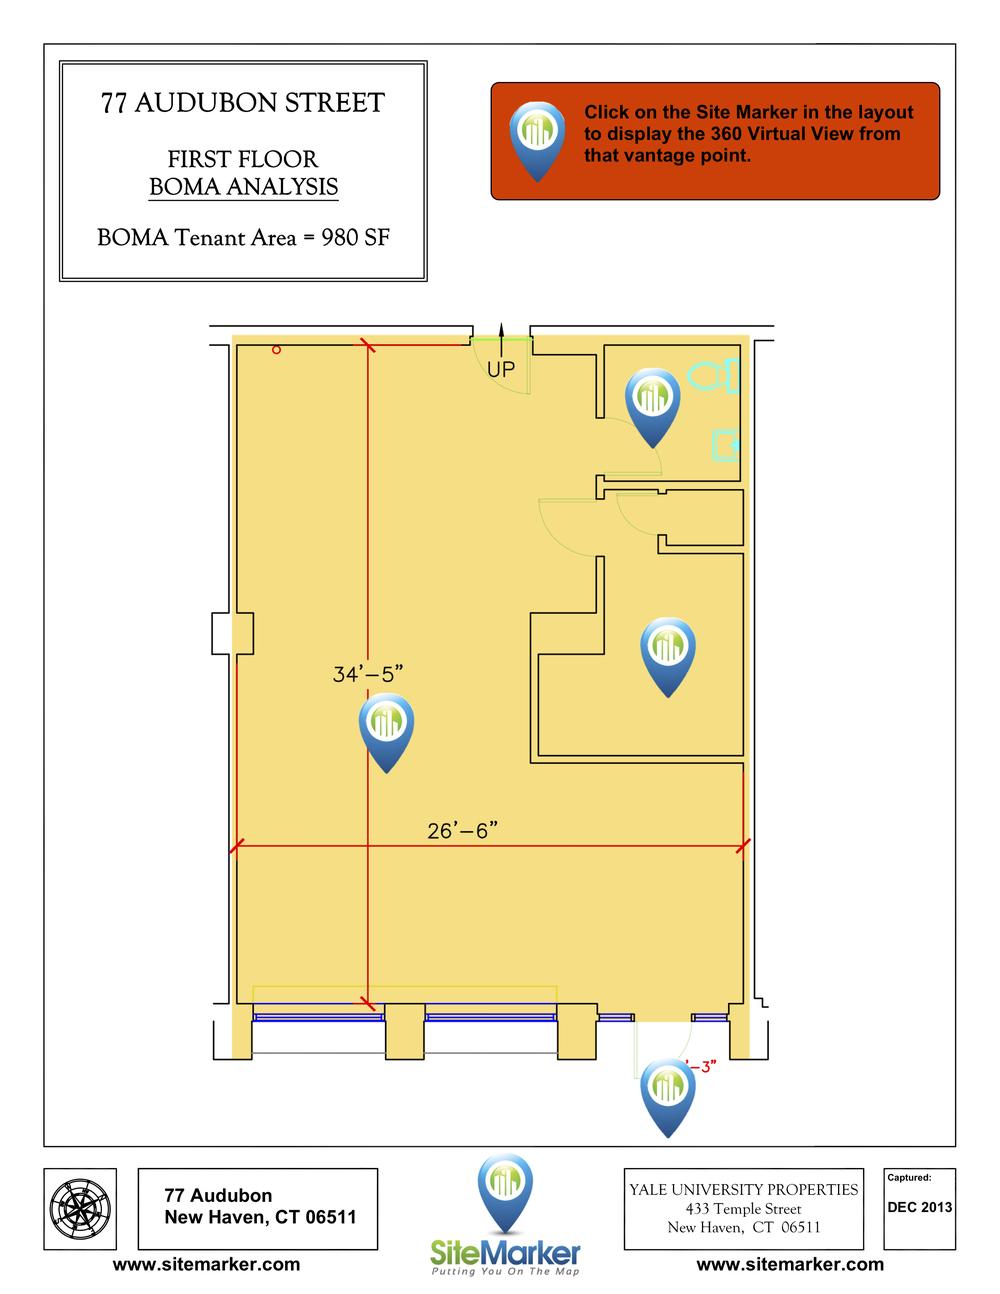 location_marketing2.jpg